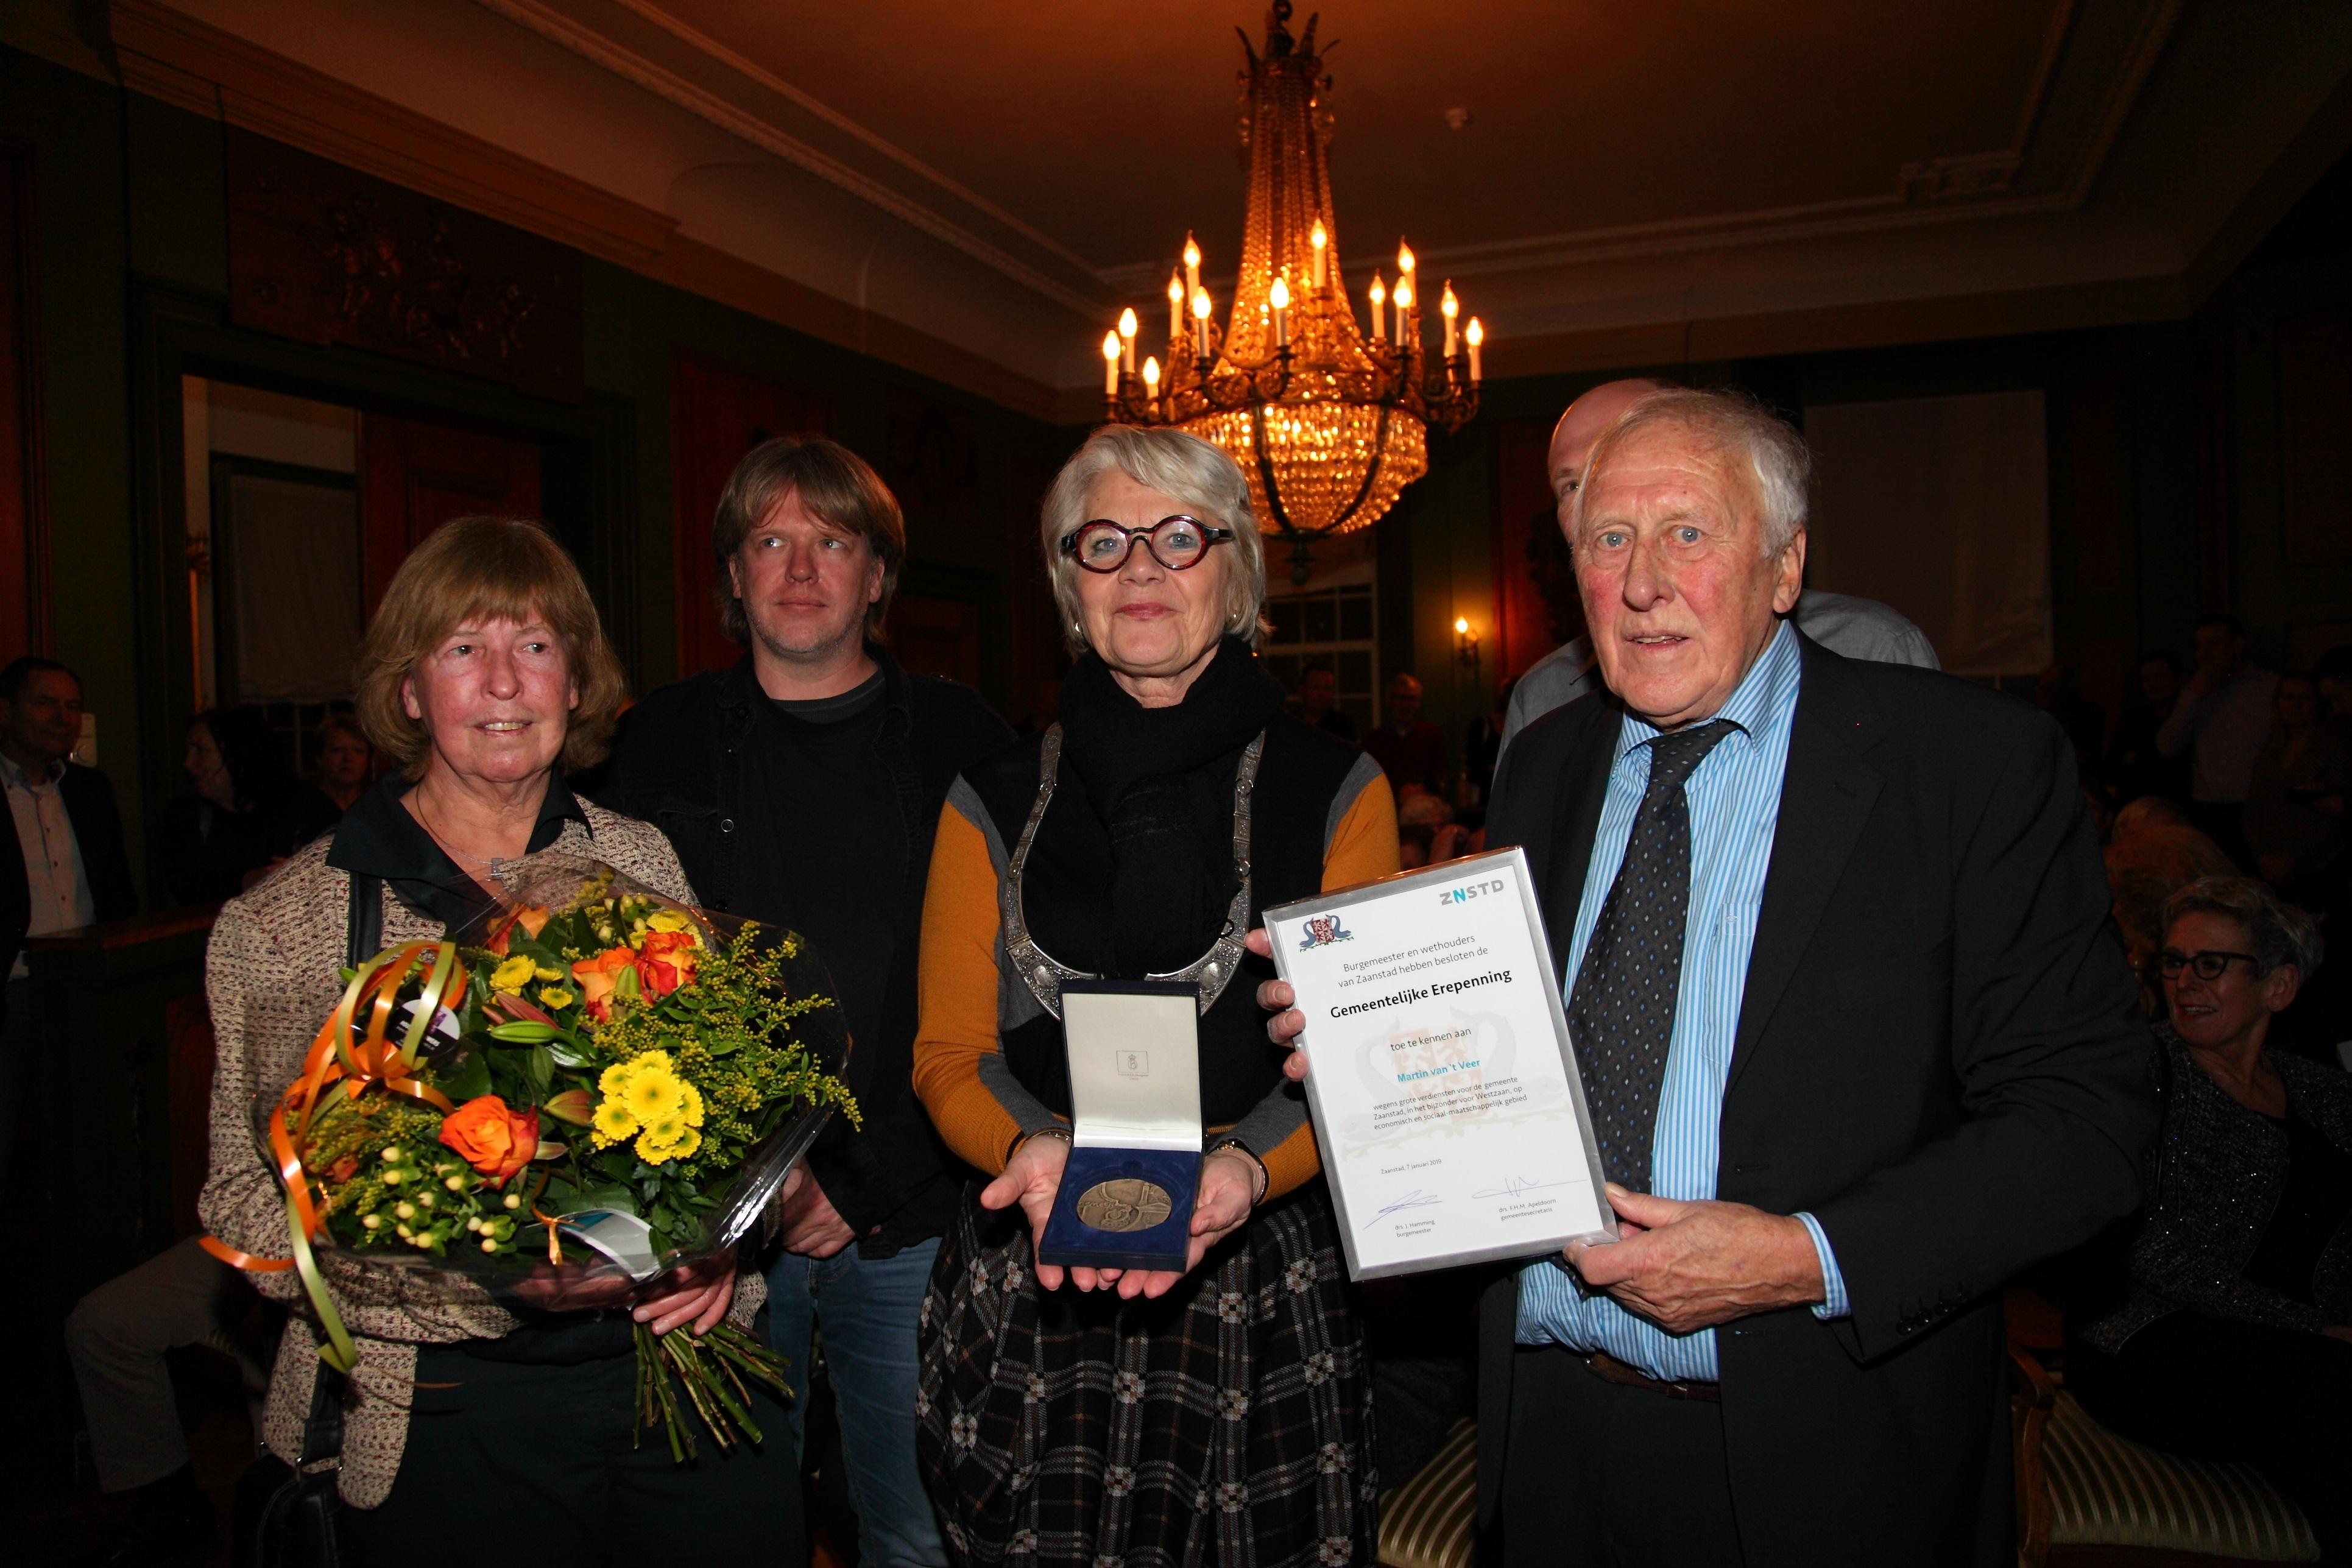 Een trotse en ontroerde Van 't Veer (links) met de Erepenning van Zaanstad.